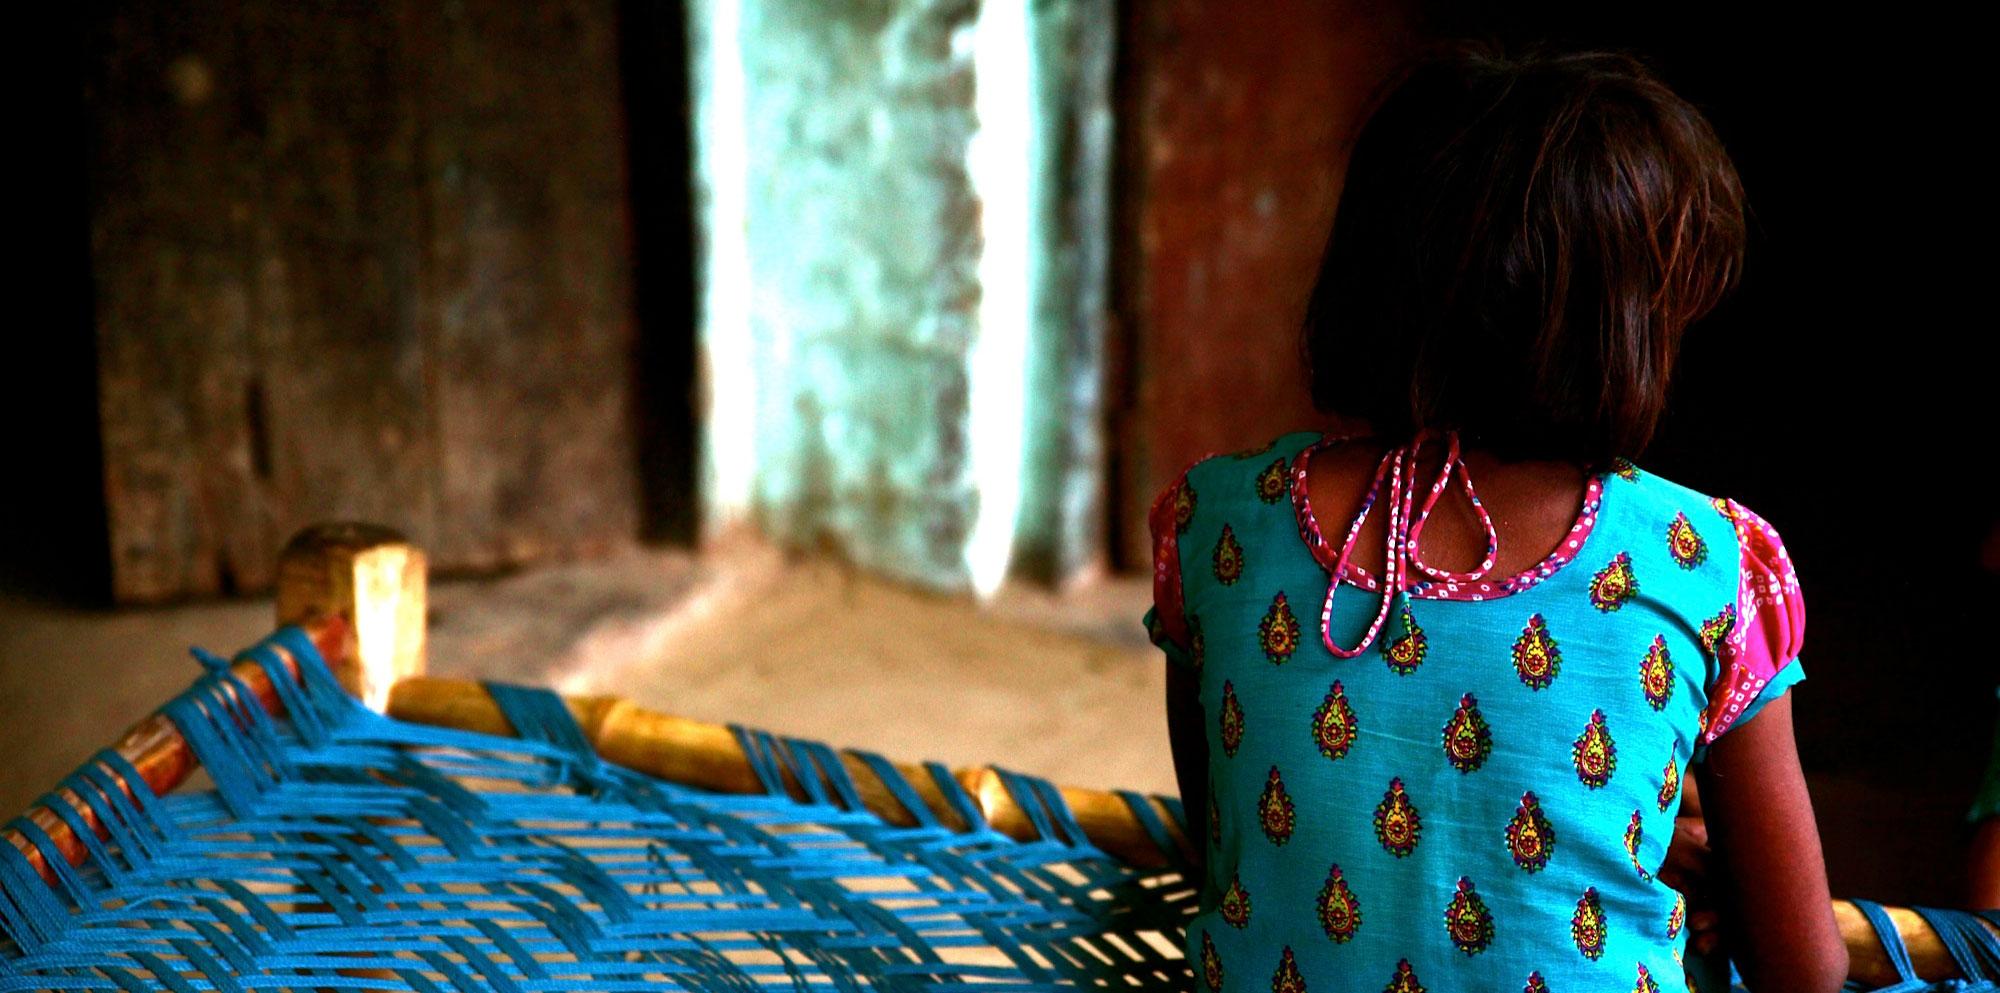 बाल यौन शोषण से कैसे करें बचाव? आइये जाने | Feminism In India